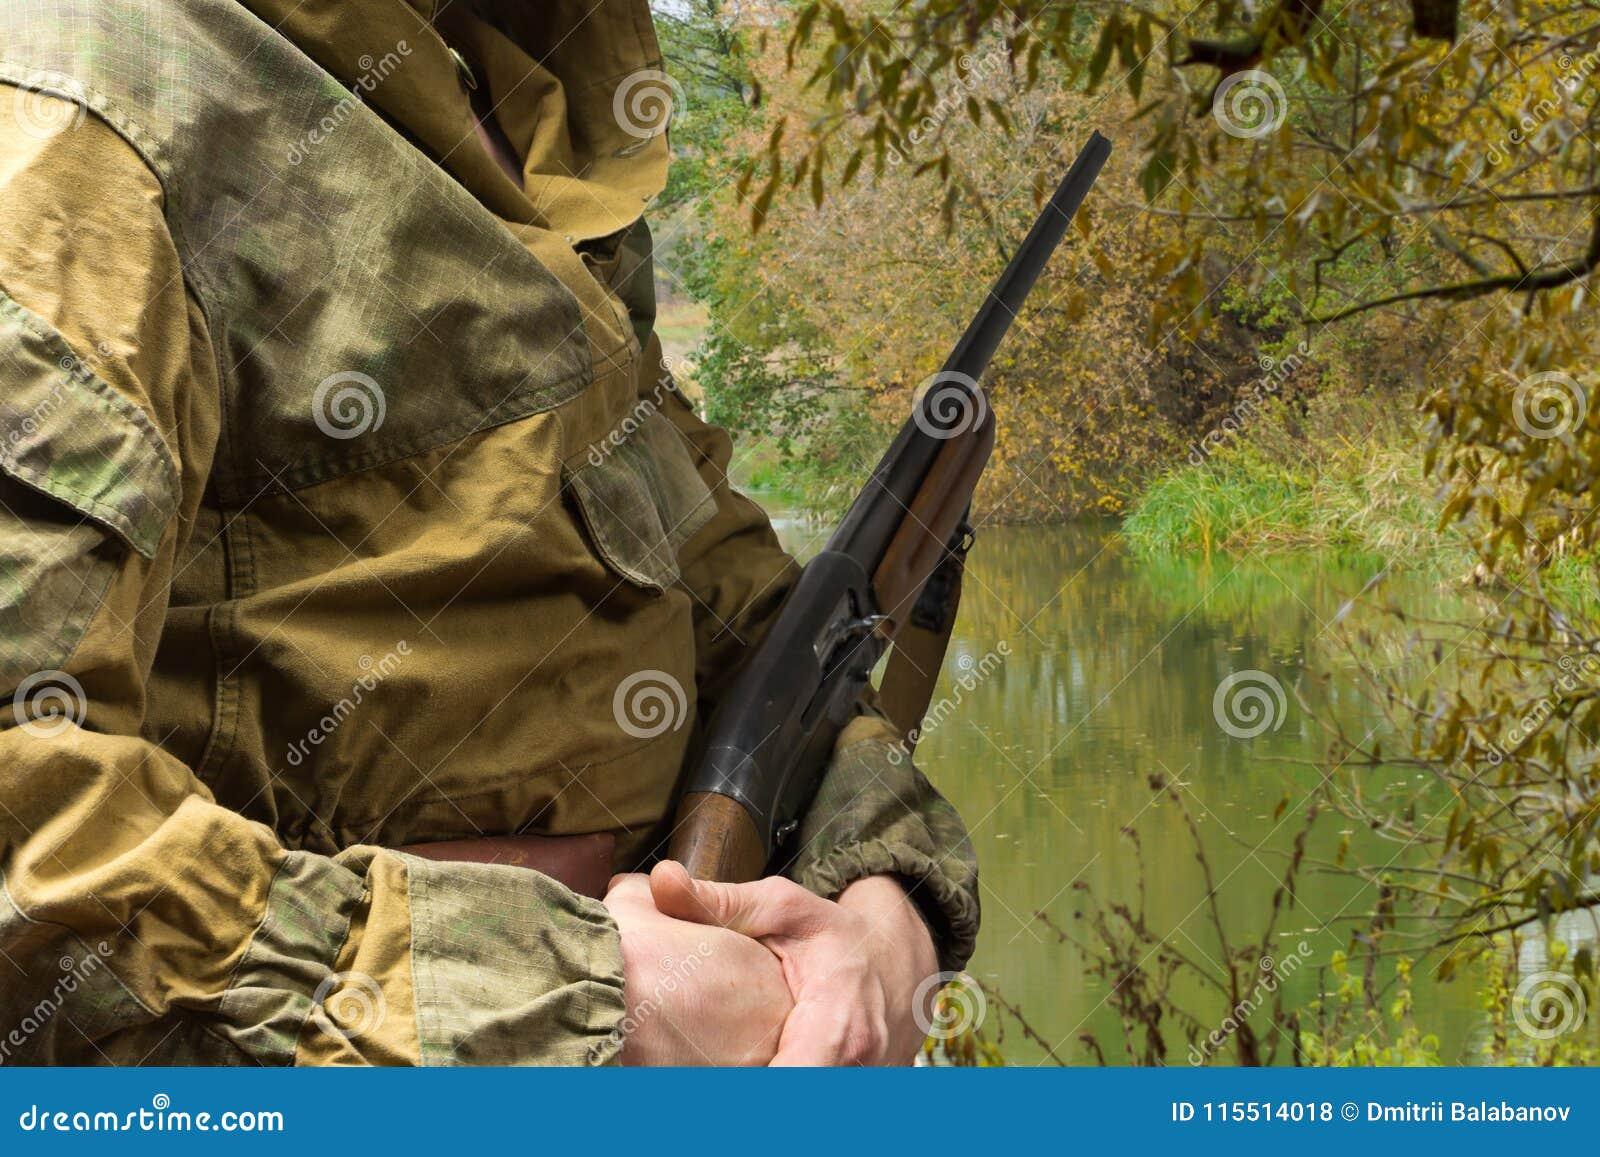 Manjakt med ett jaktgevär kopiera avstånd